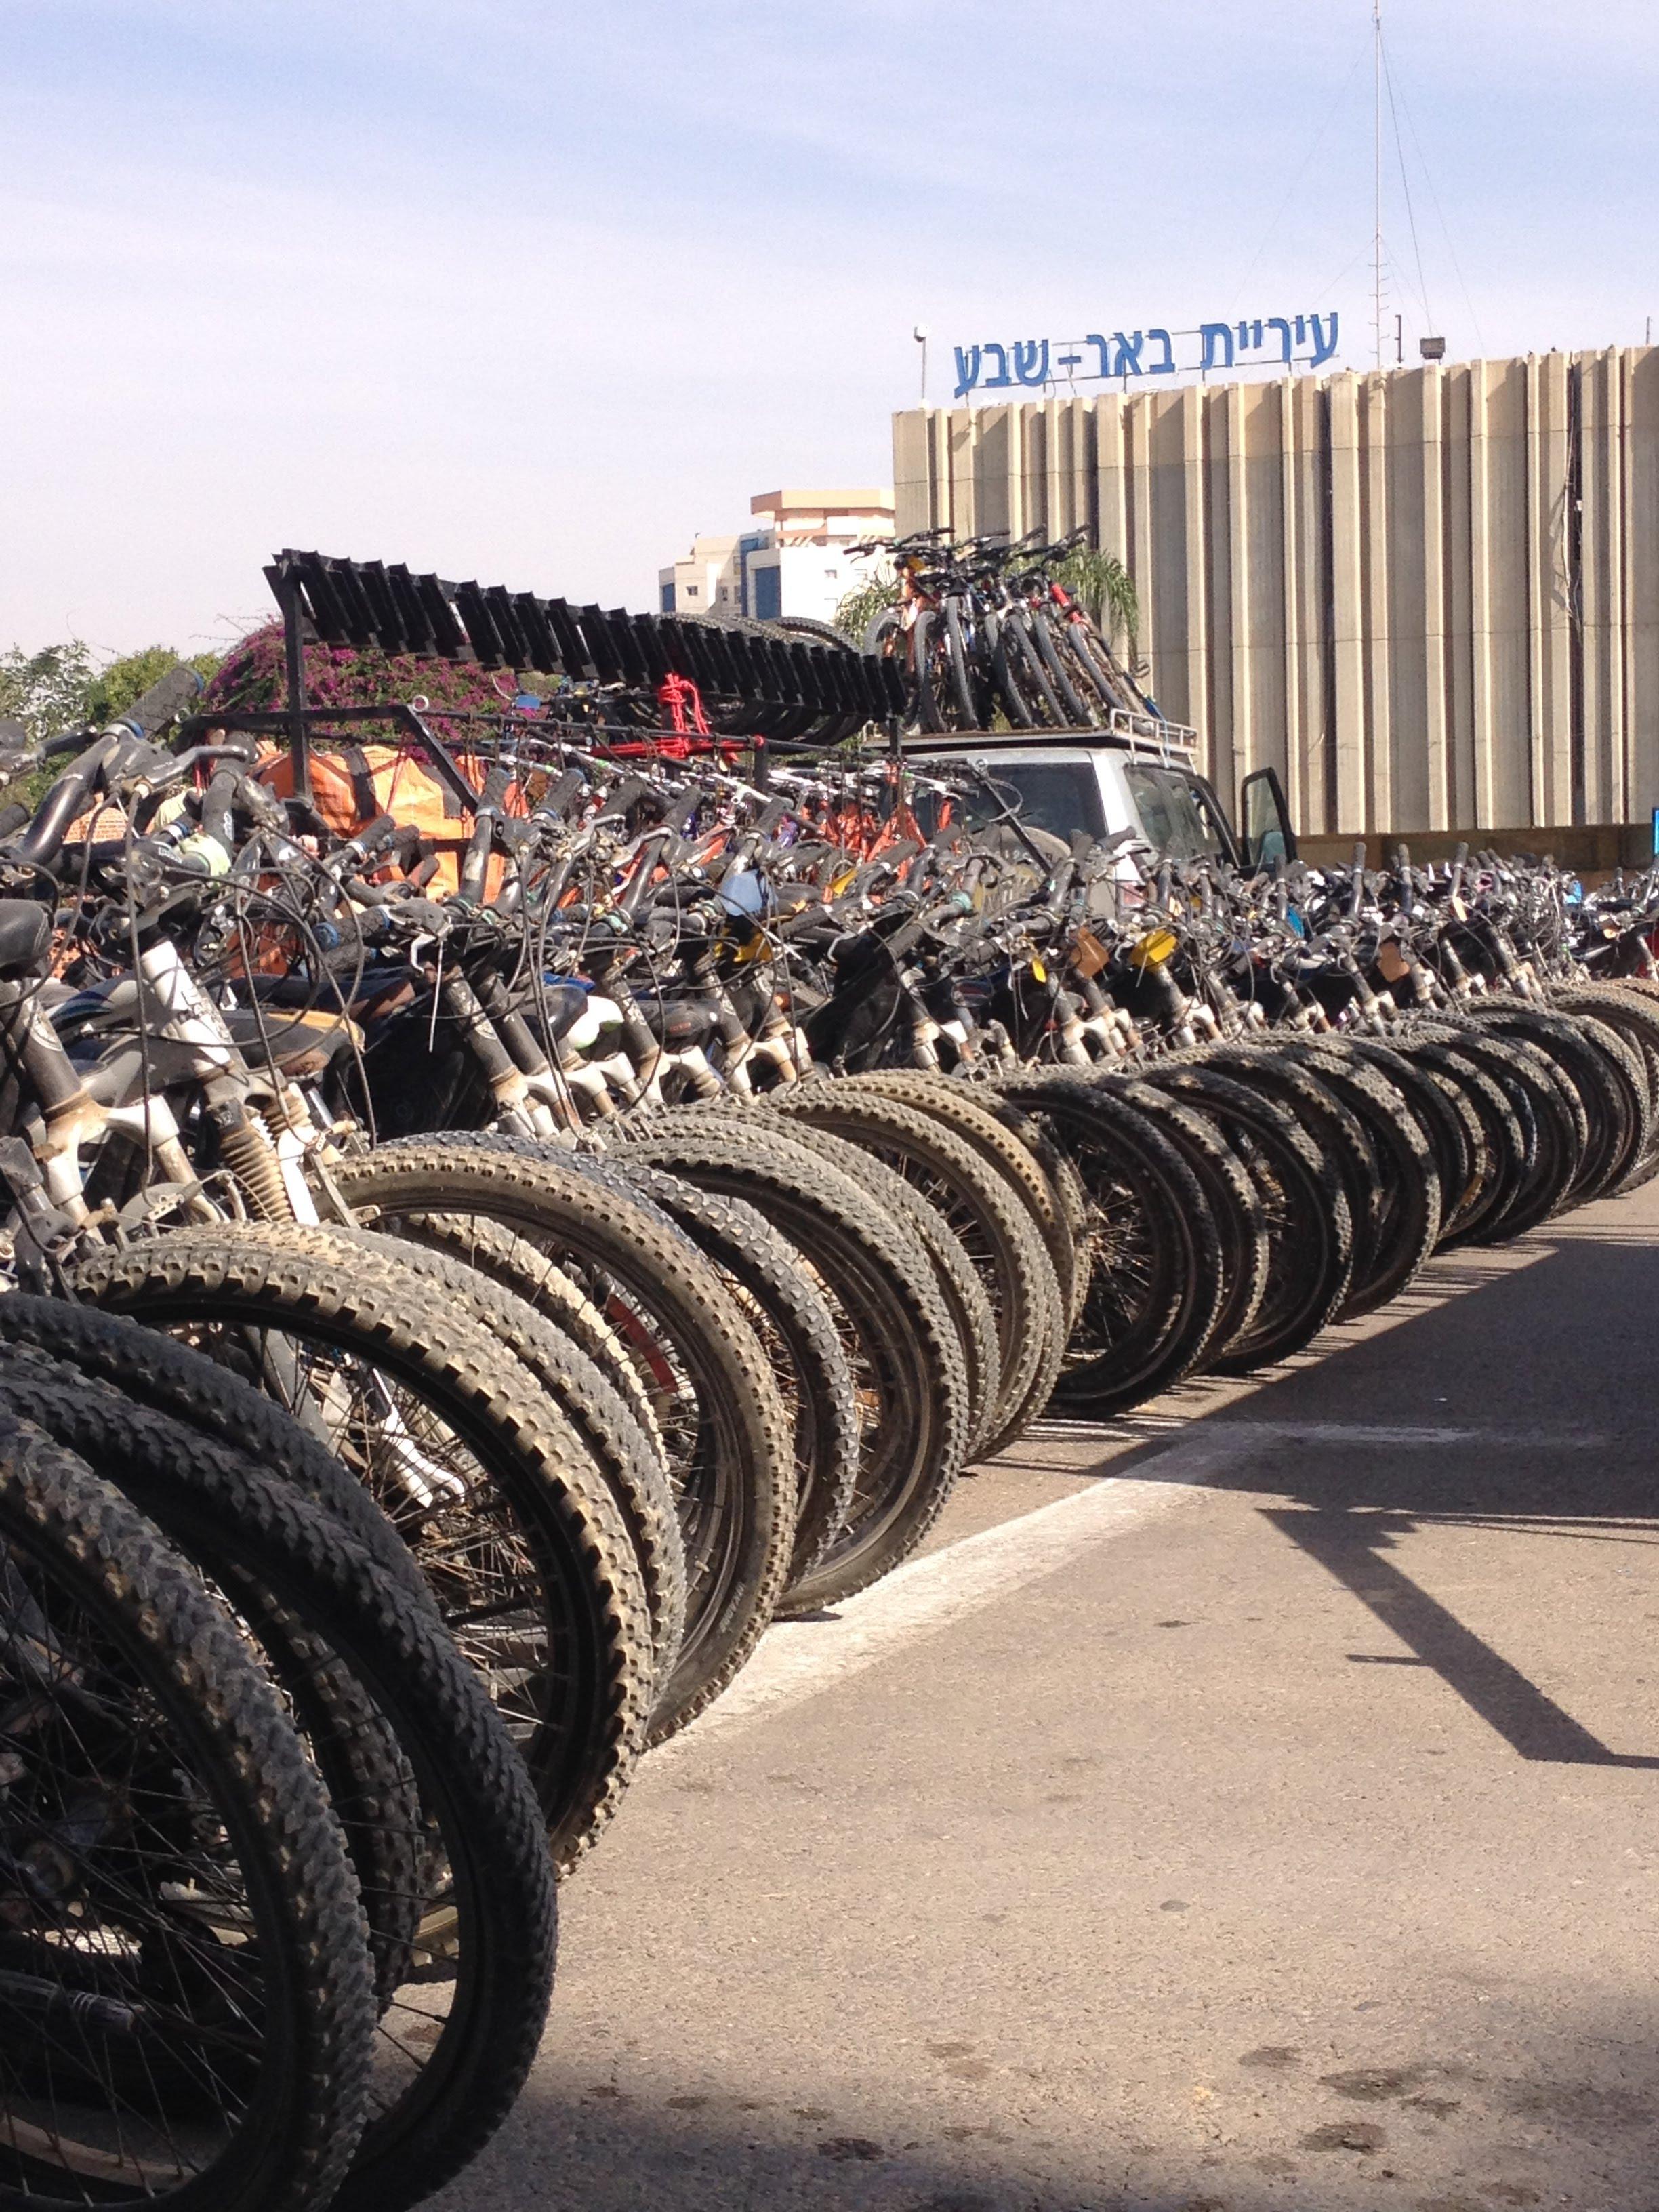 טיולי אופניים בפארק באר שבע